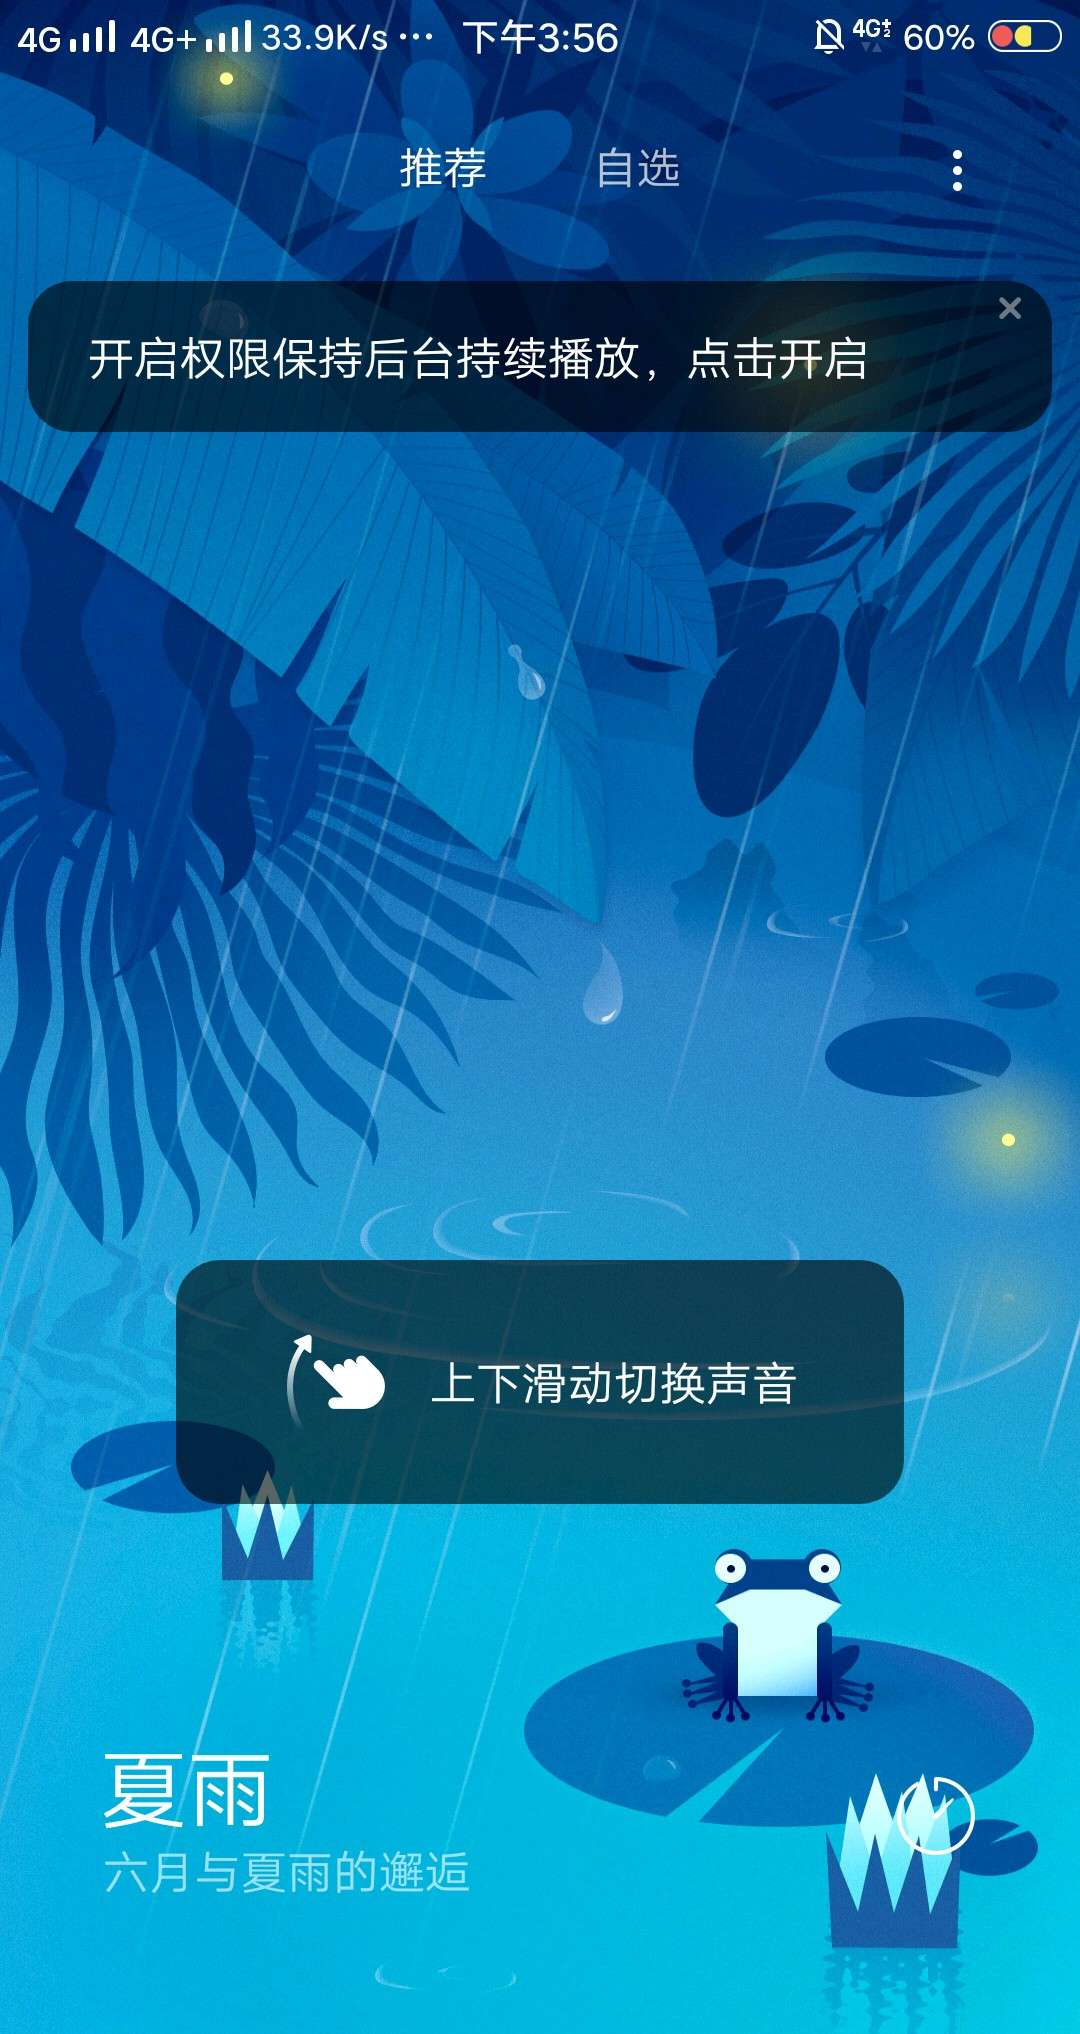 【分享】小米白噪音-爱小助